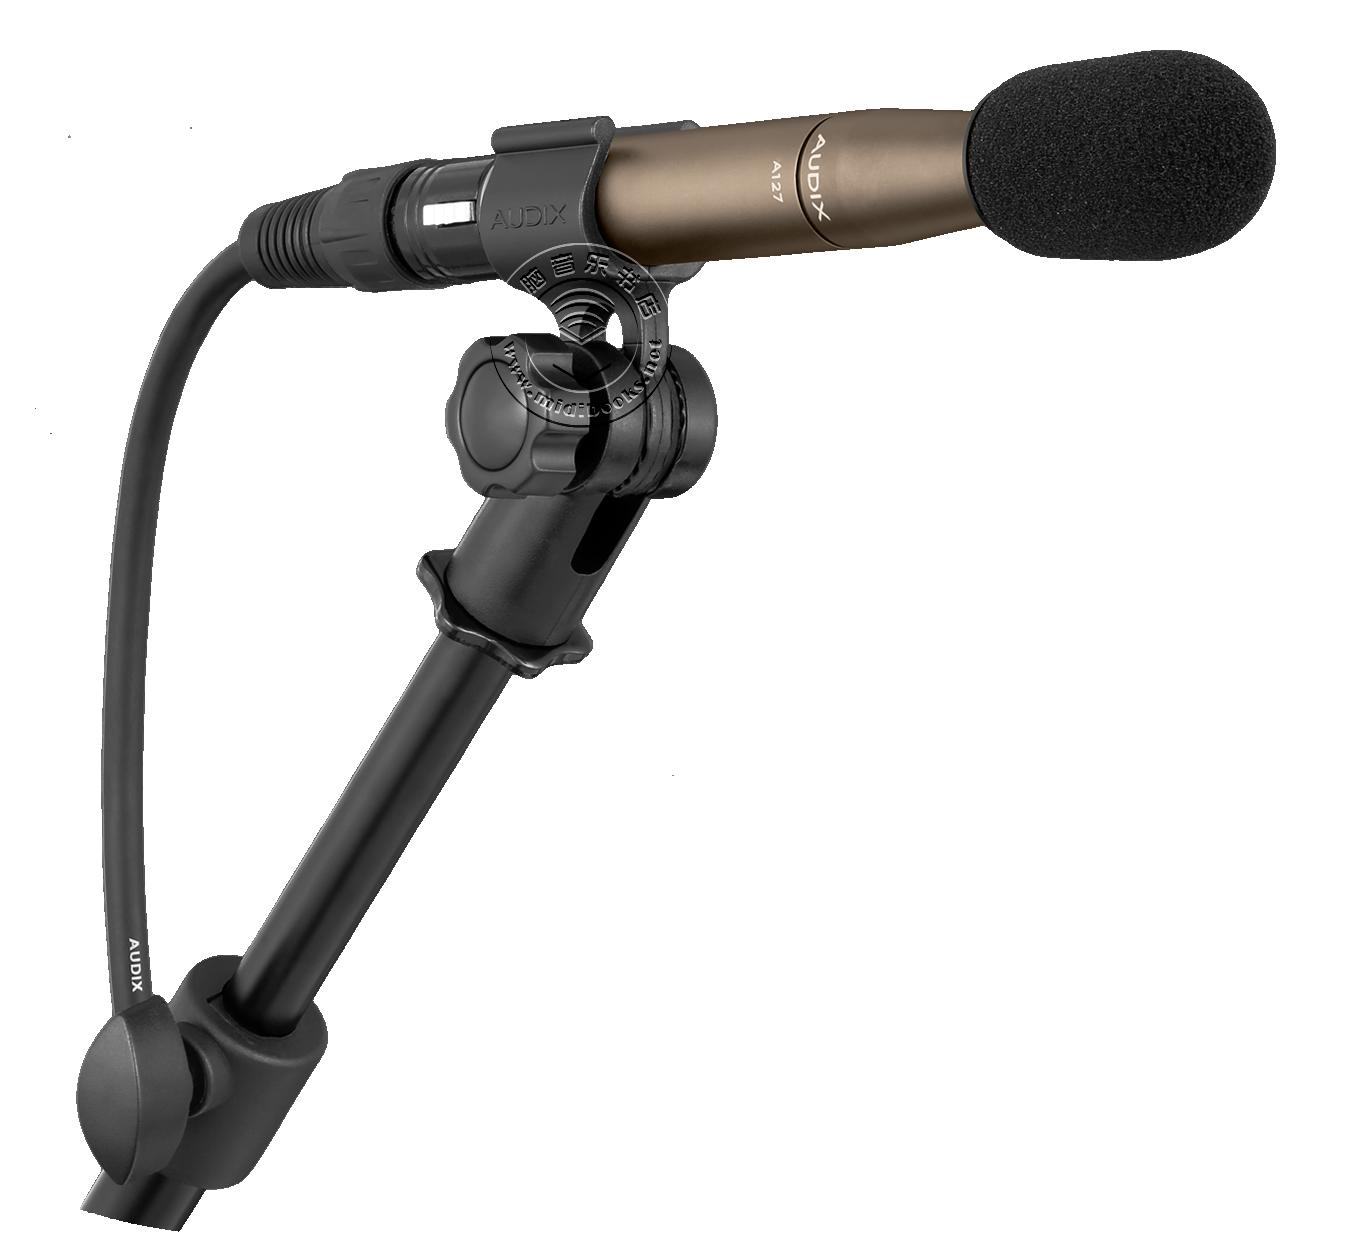 Audix 推出用于严苛专业录音环境的全指向金属振膜电容话筒 A127(视频)